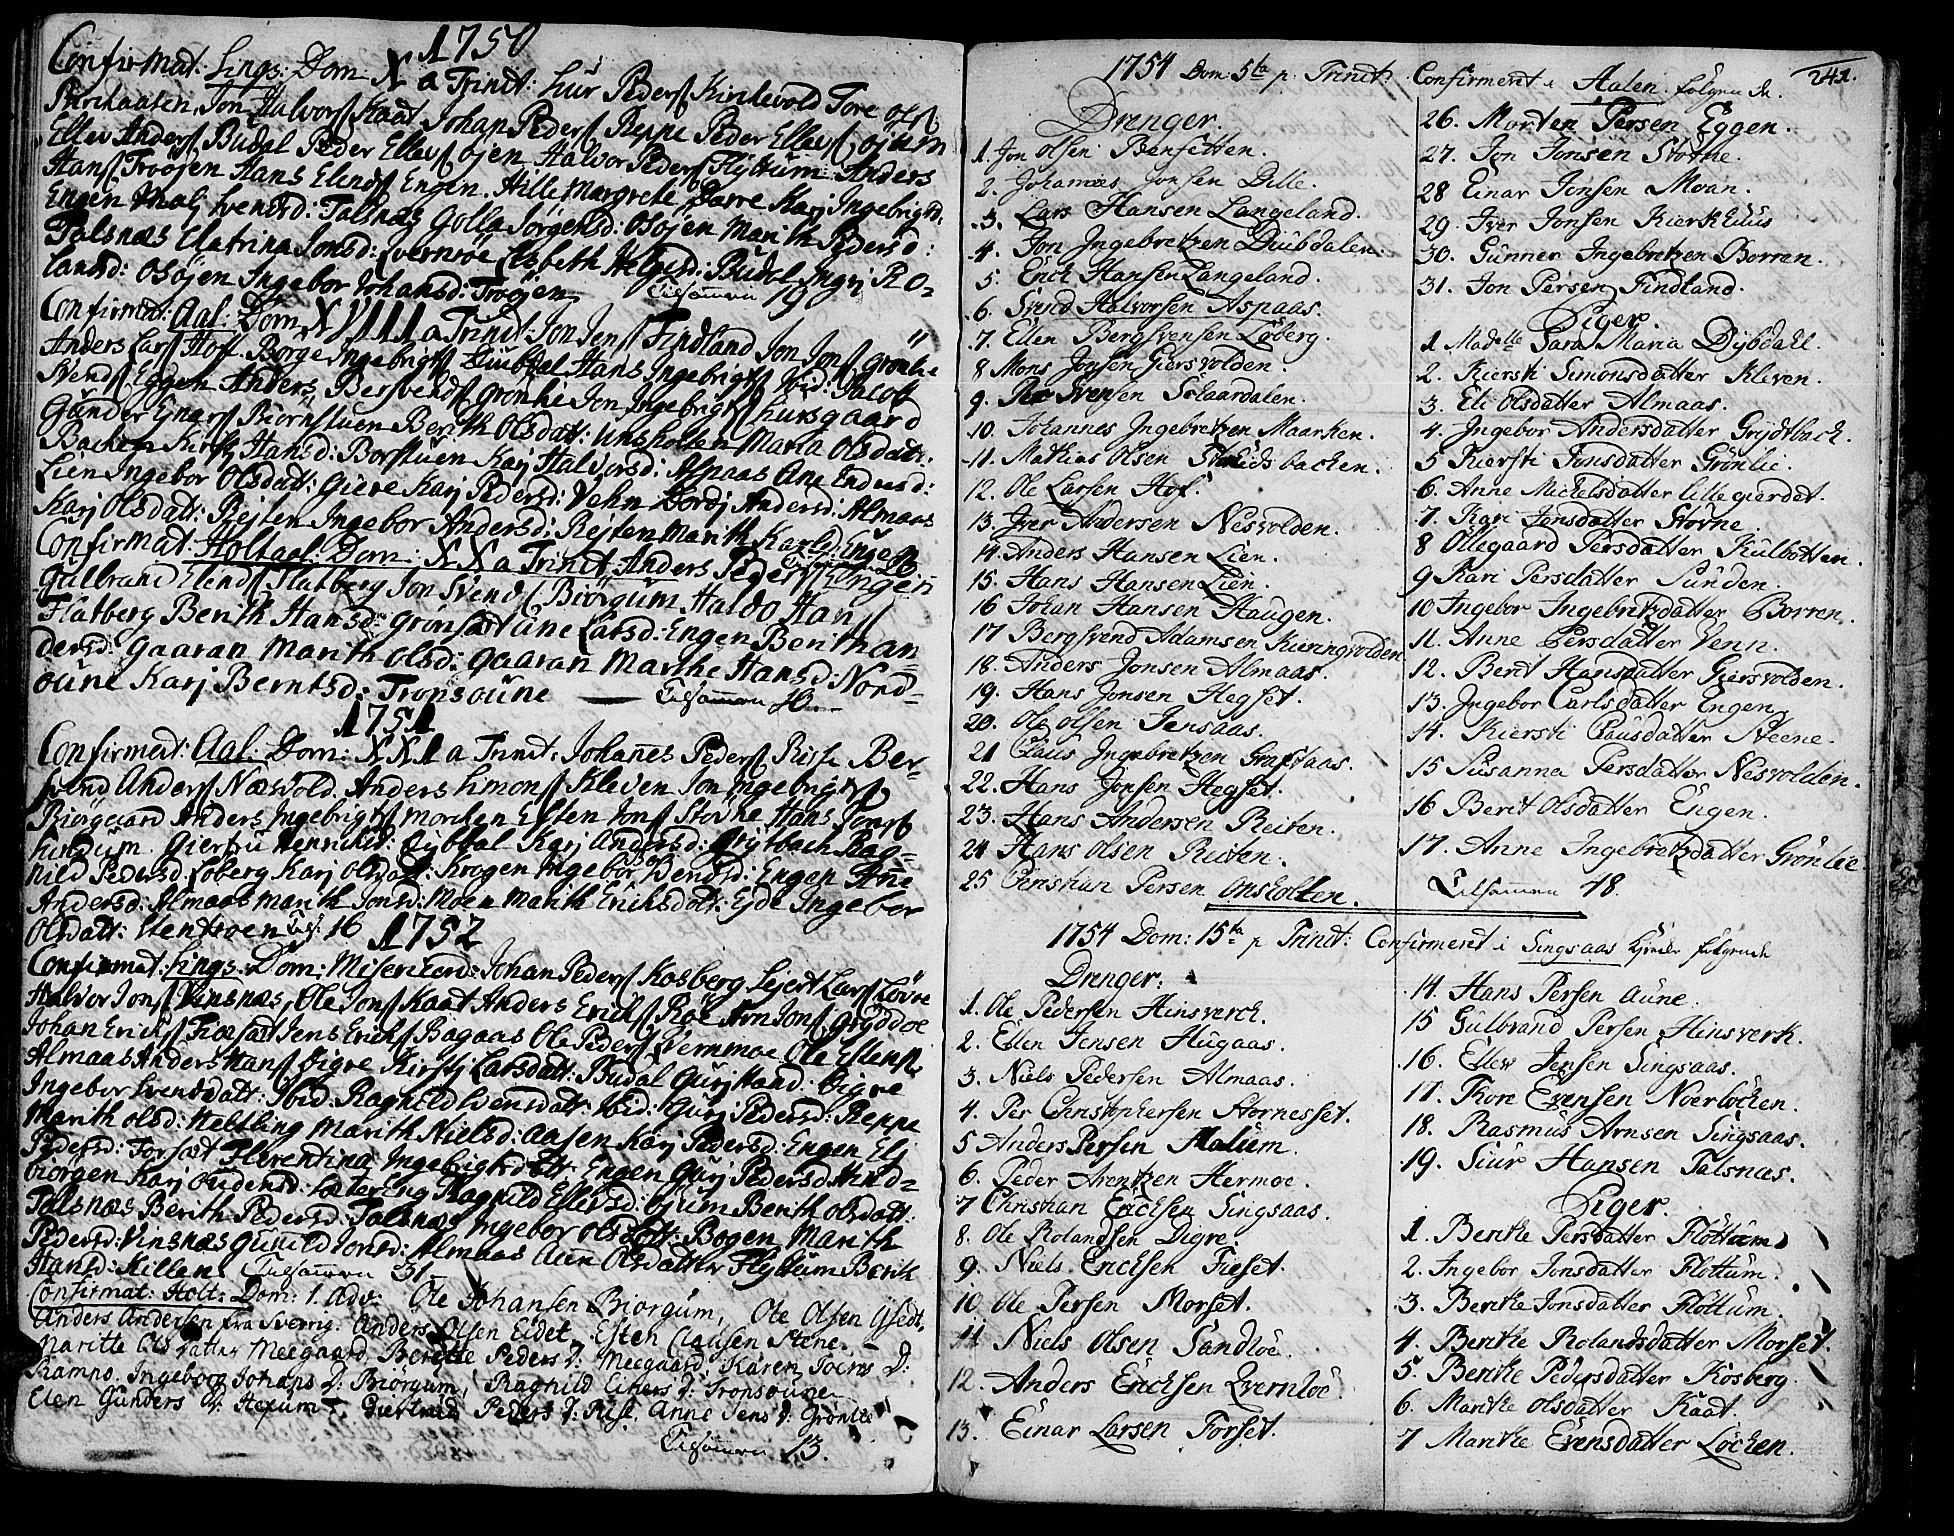 SAT, Ministerialprotokoller, klokkerbøker og fødselsregistre - Sør-Trøndelag, 685/L0952: Ministerialbok nr. 685A01, 1745-1804, s. 241